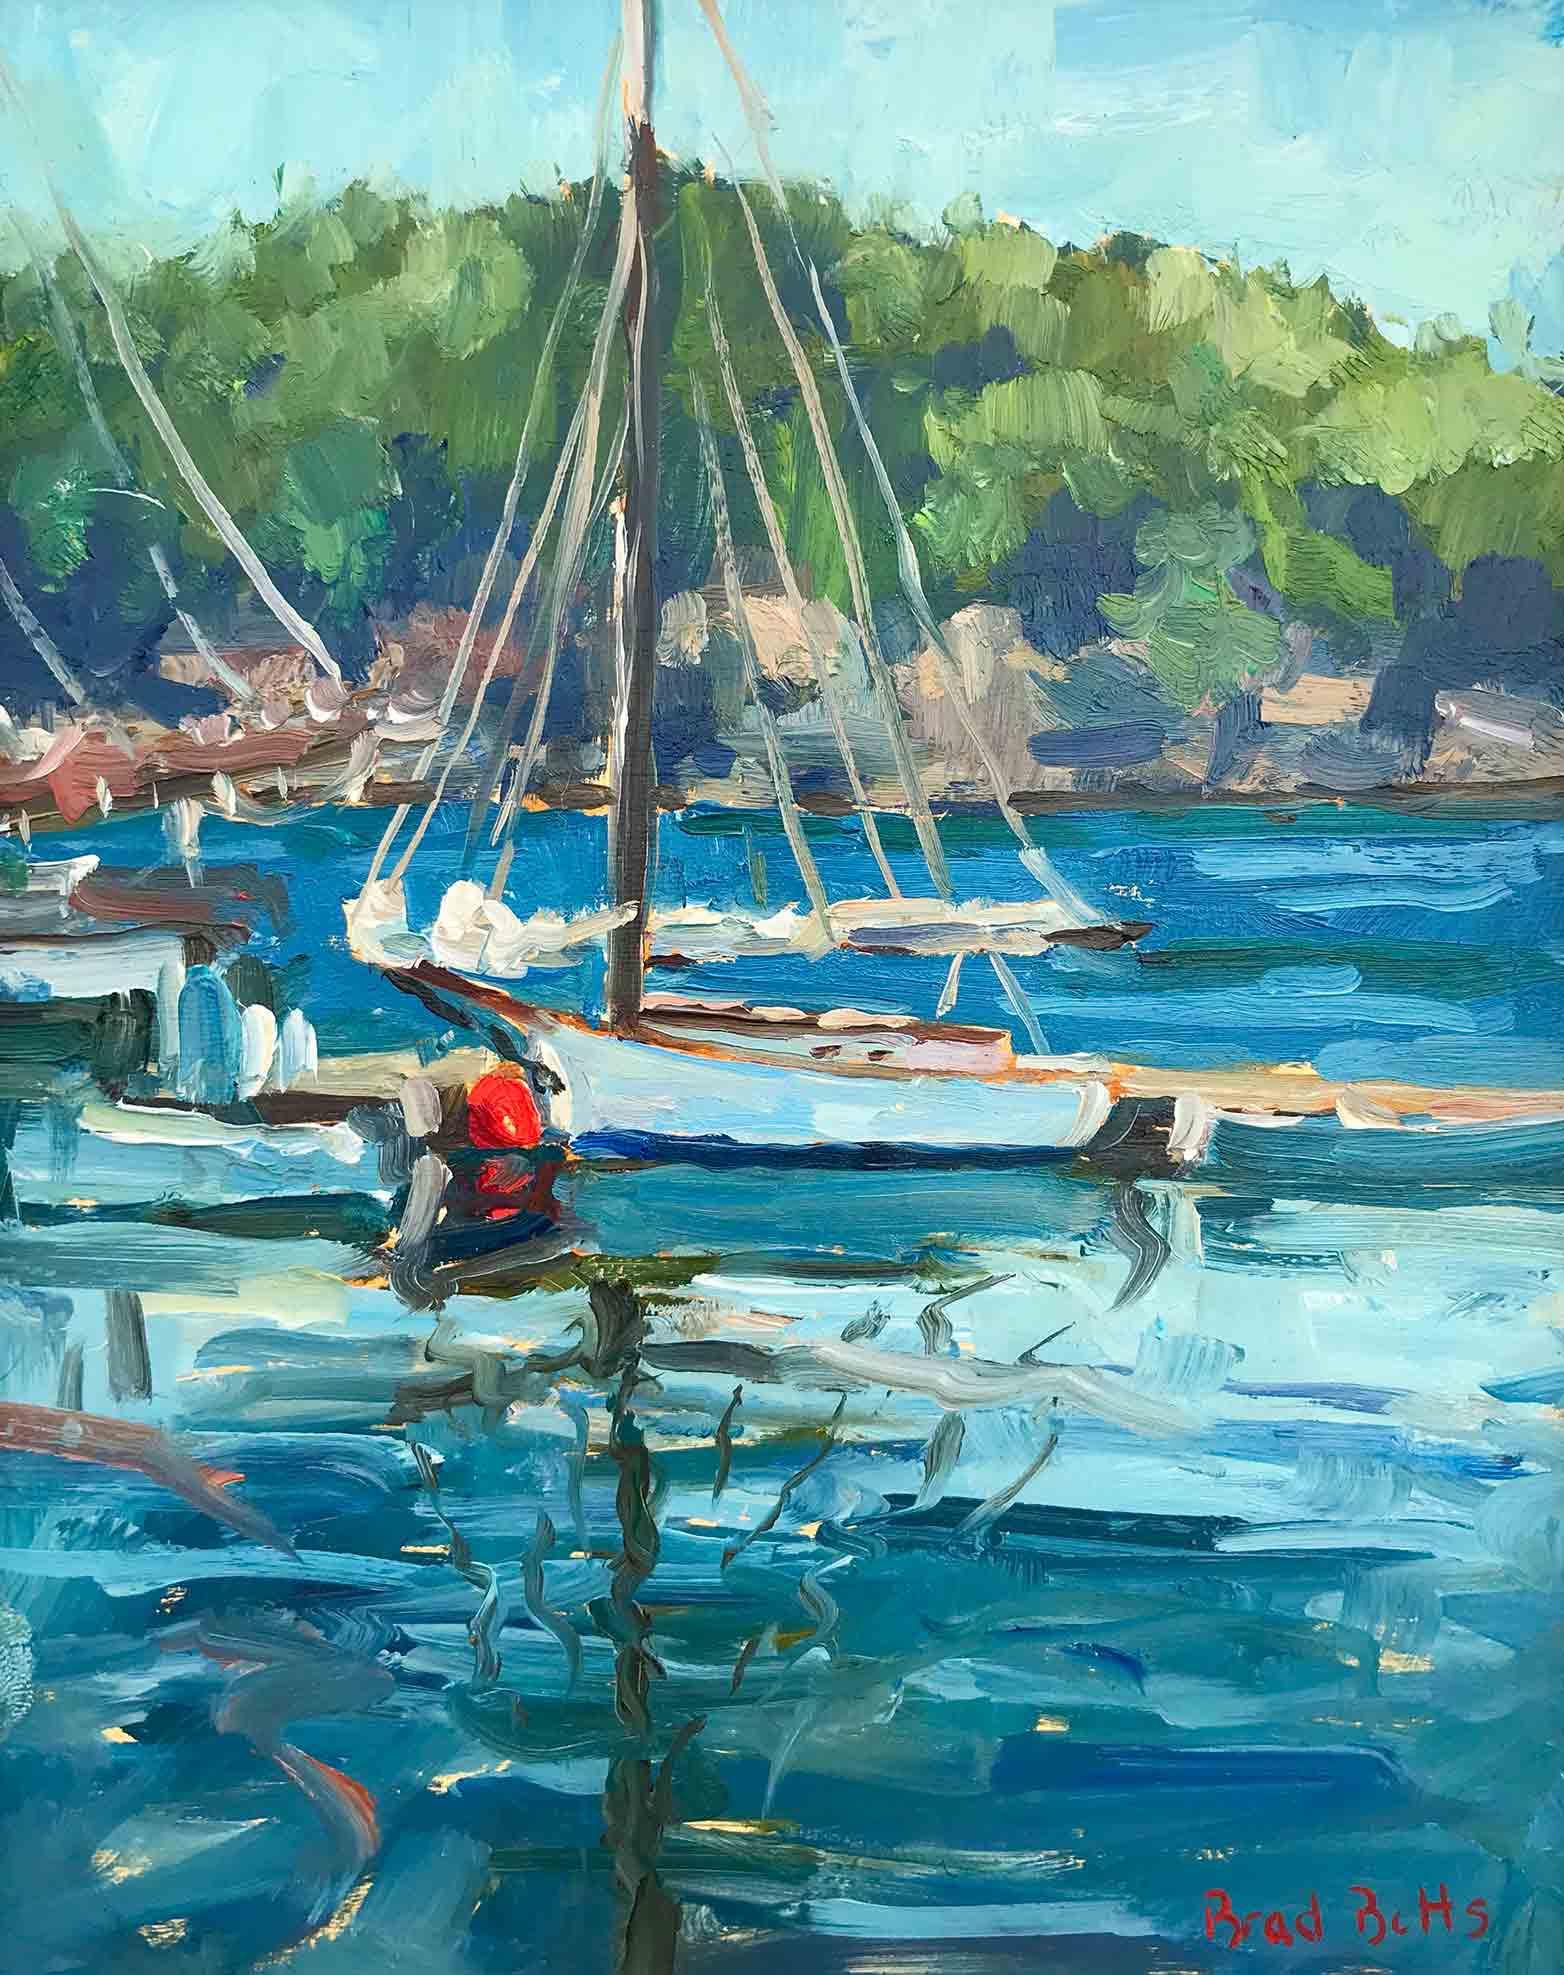 At-the-Dock-Bar-Harbor-10x8-en-plein-air_web.jpg